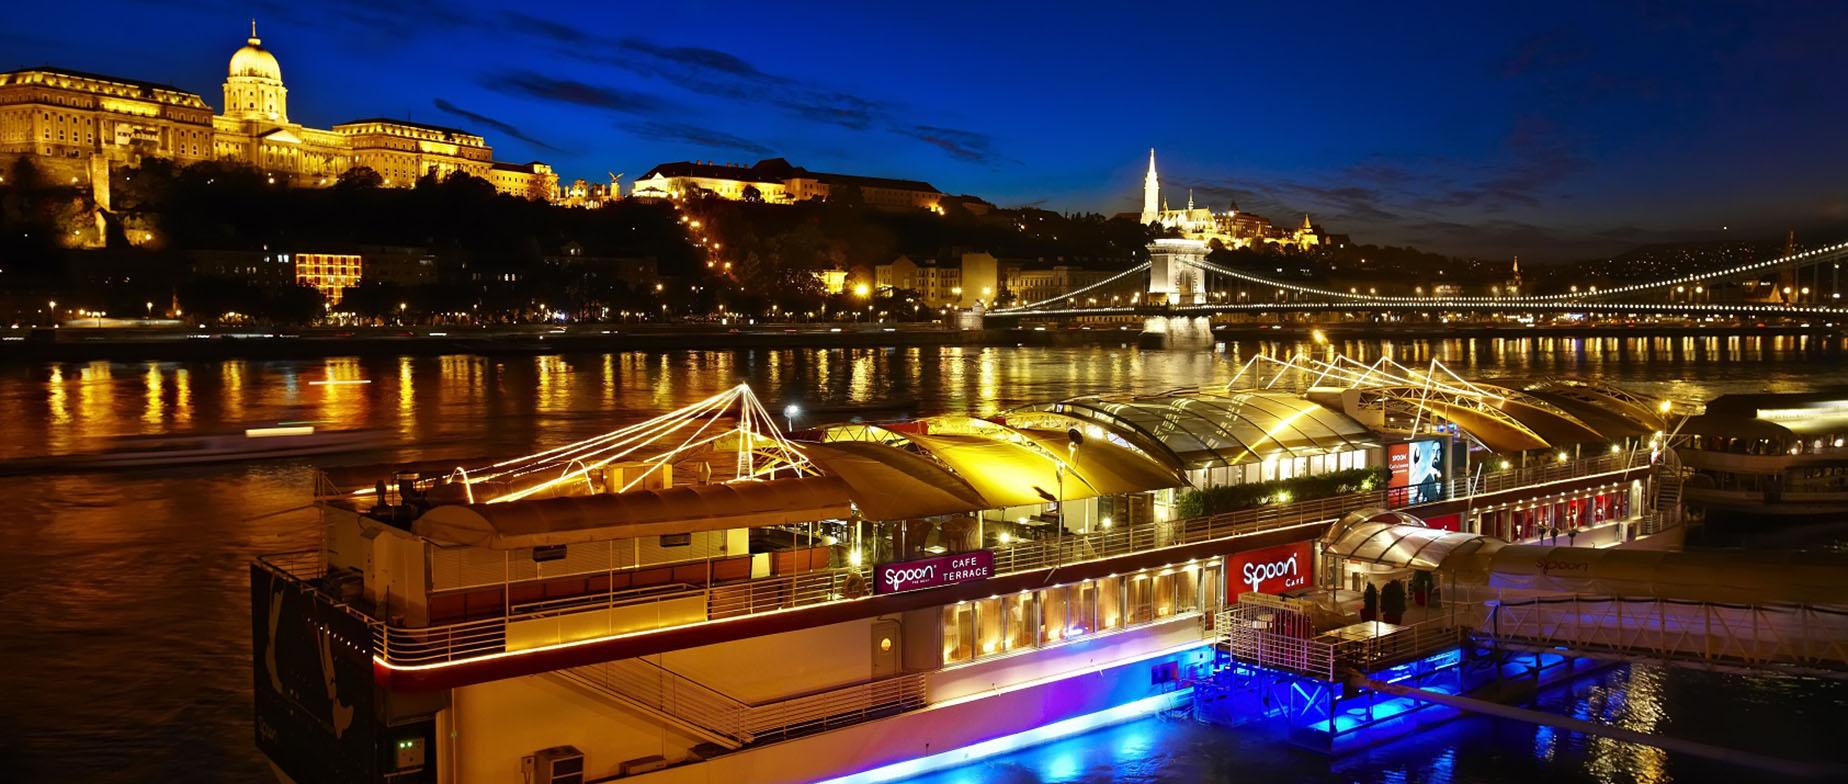 Spoon The Boat romantikus étterem, Budapest ajándékkártya